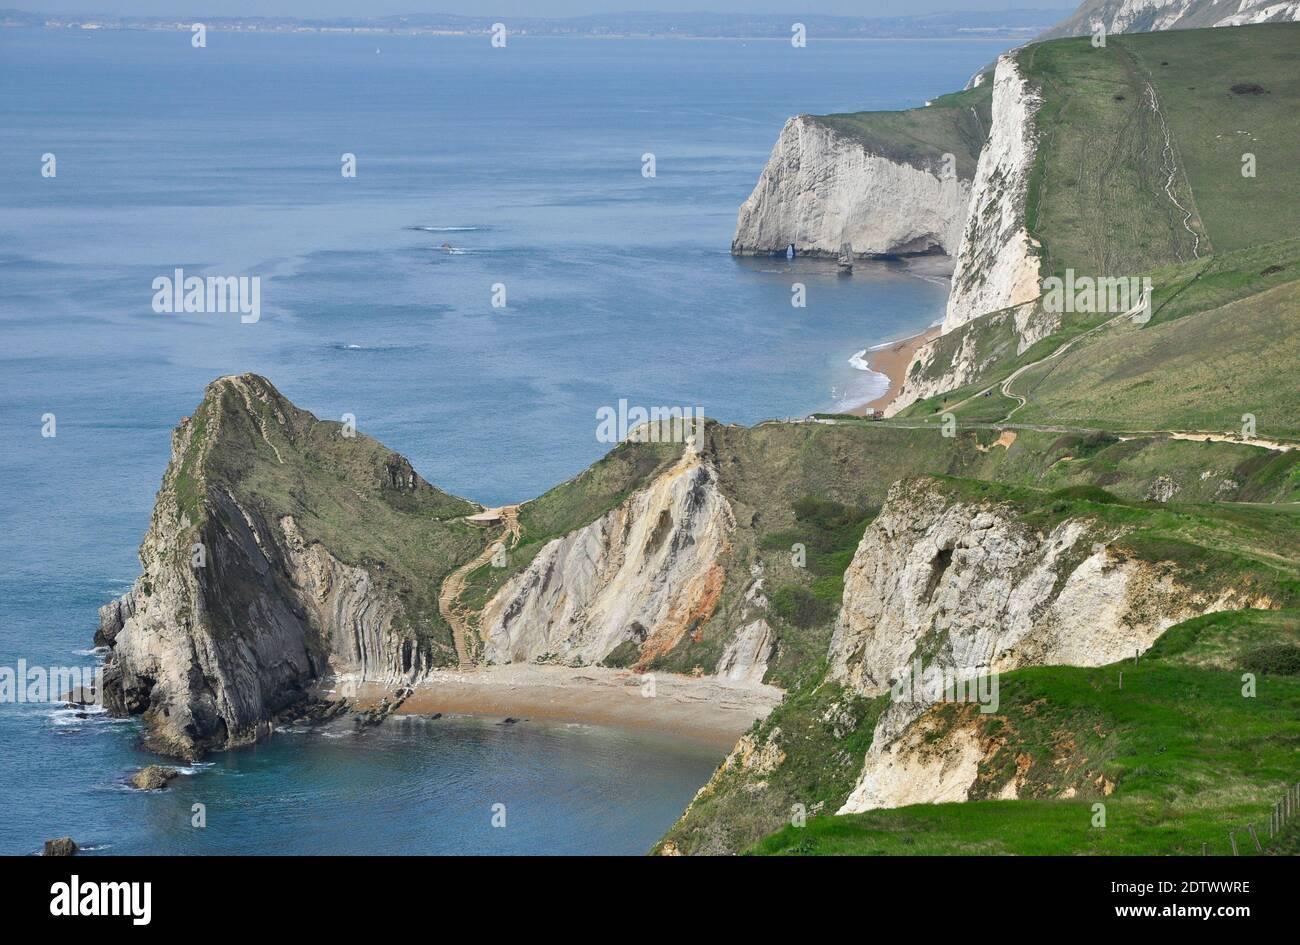 Guardando ad ovest con Durdle Door e le scogliere di gesso di Swyre Head e Bat's Head.Part della costa Jurrasic di Dorset.UK Foto Stock